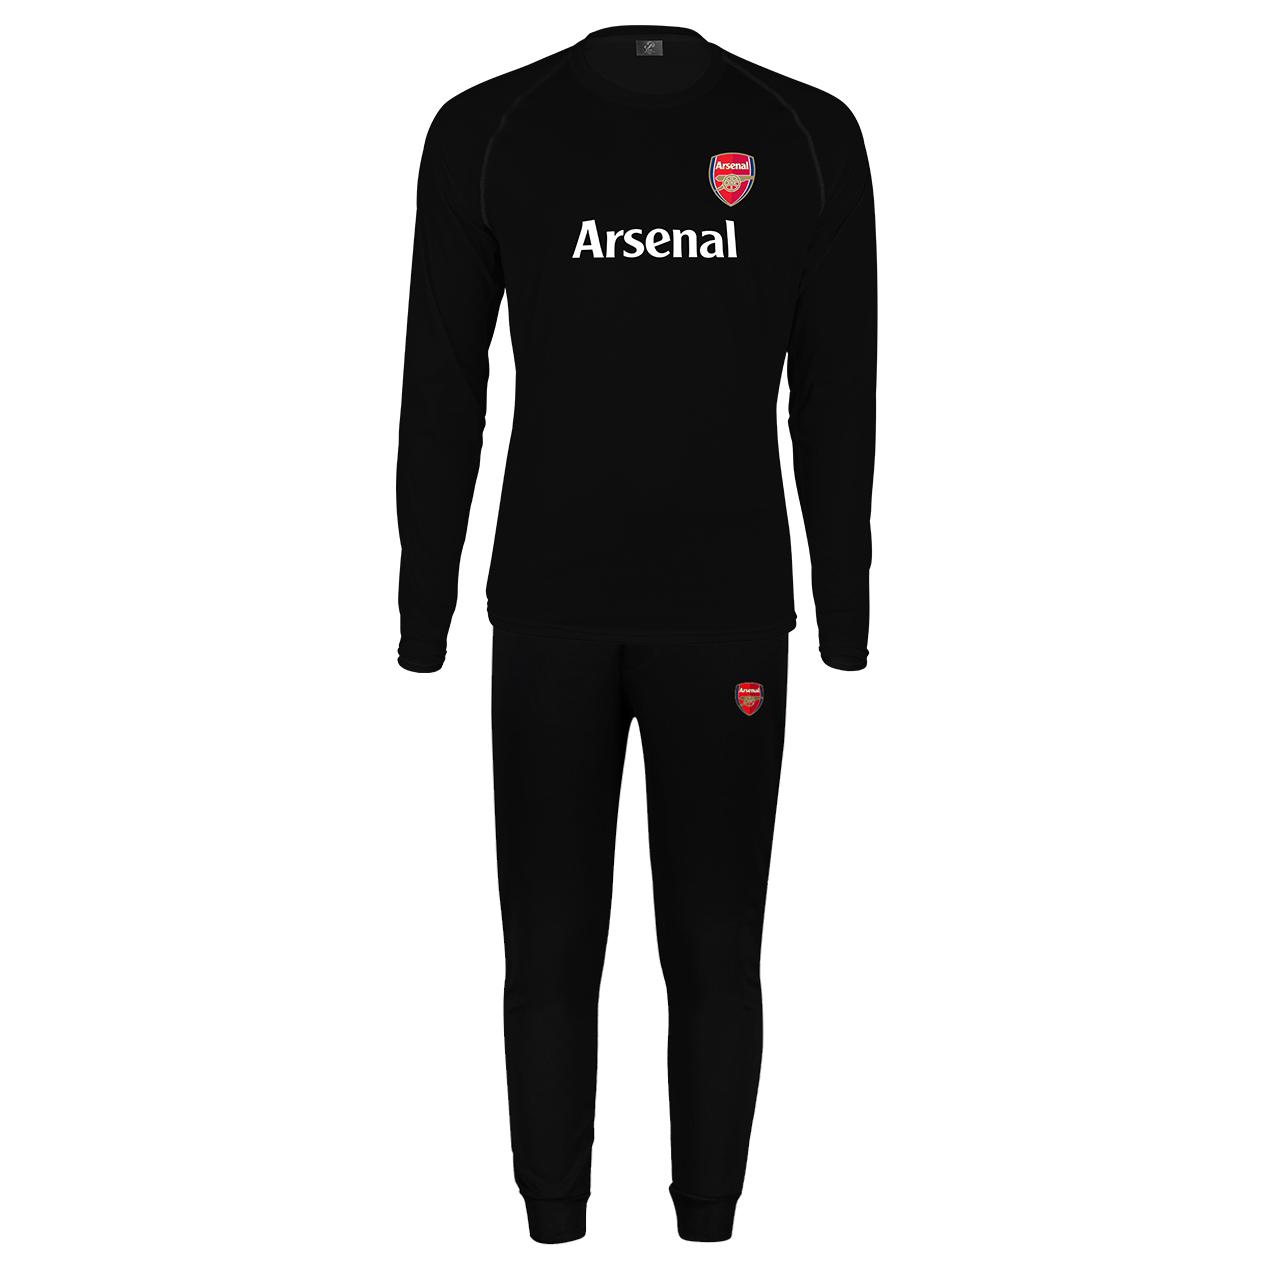 تصویر ست تی شرت و شلوار مردانه پاتیلوک طرح آرسنال کد 400020